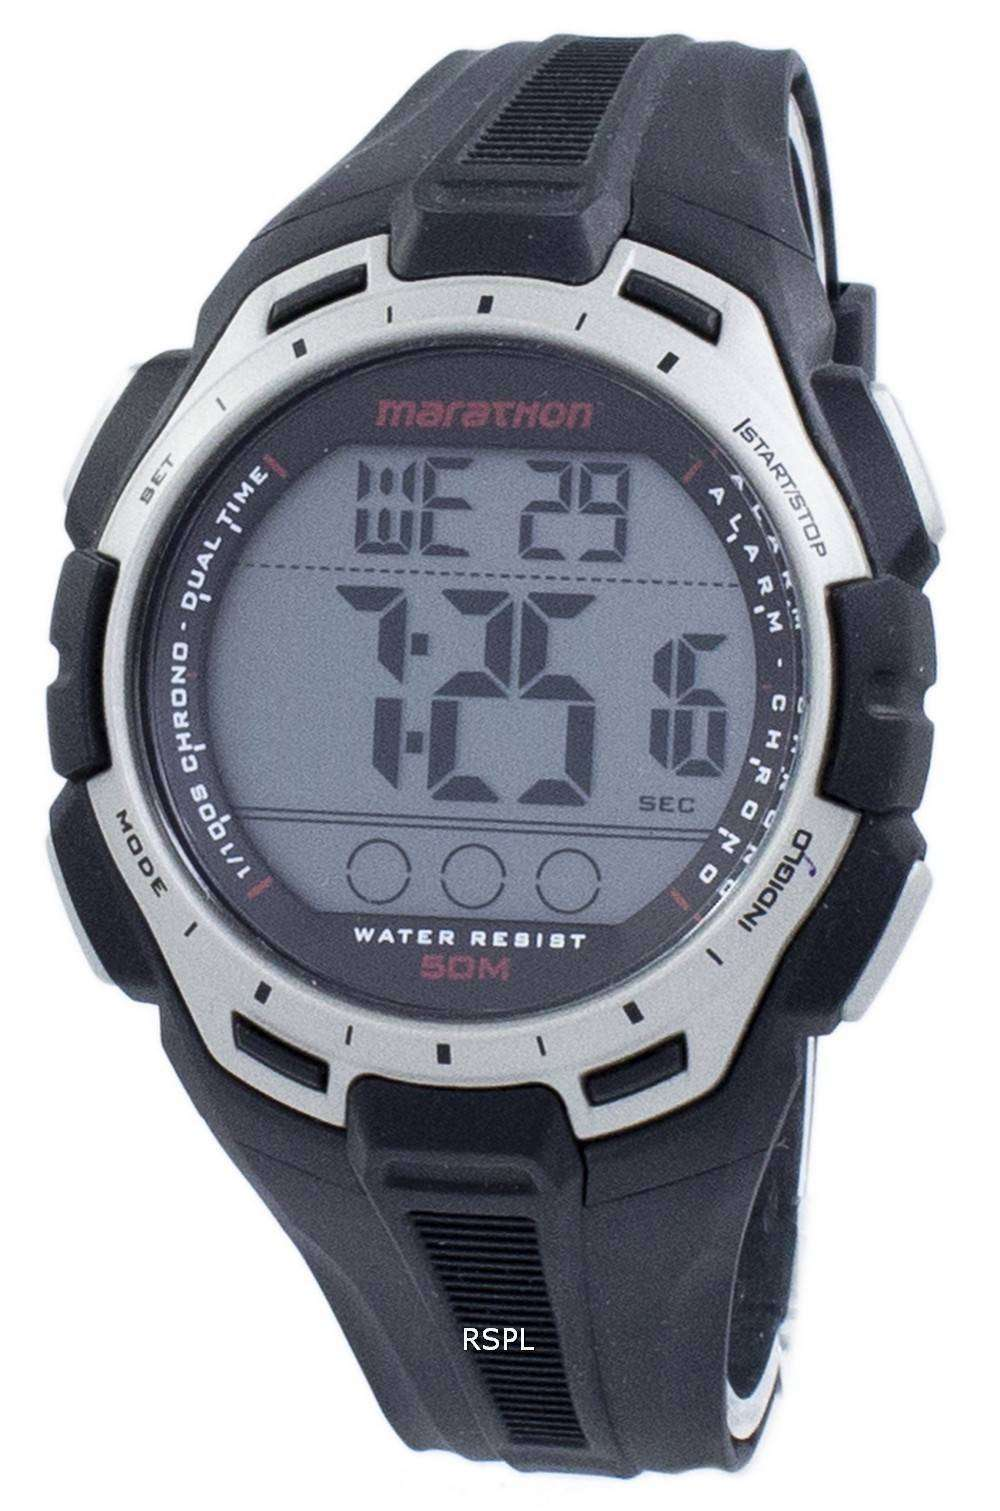 タイメックス スポーツ マラソン クロノグラフ デュアル タイム Indiglo TW5K94600 メンズ腕時計